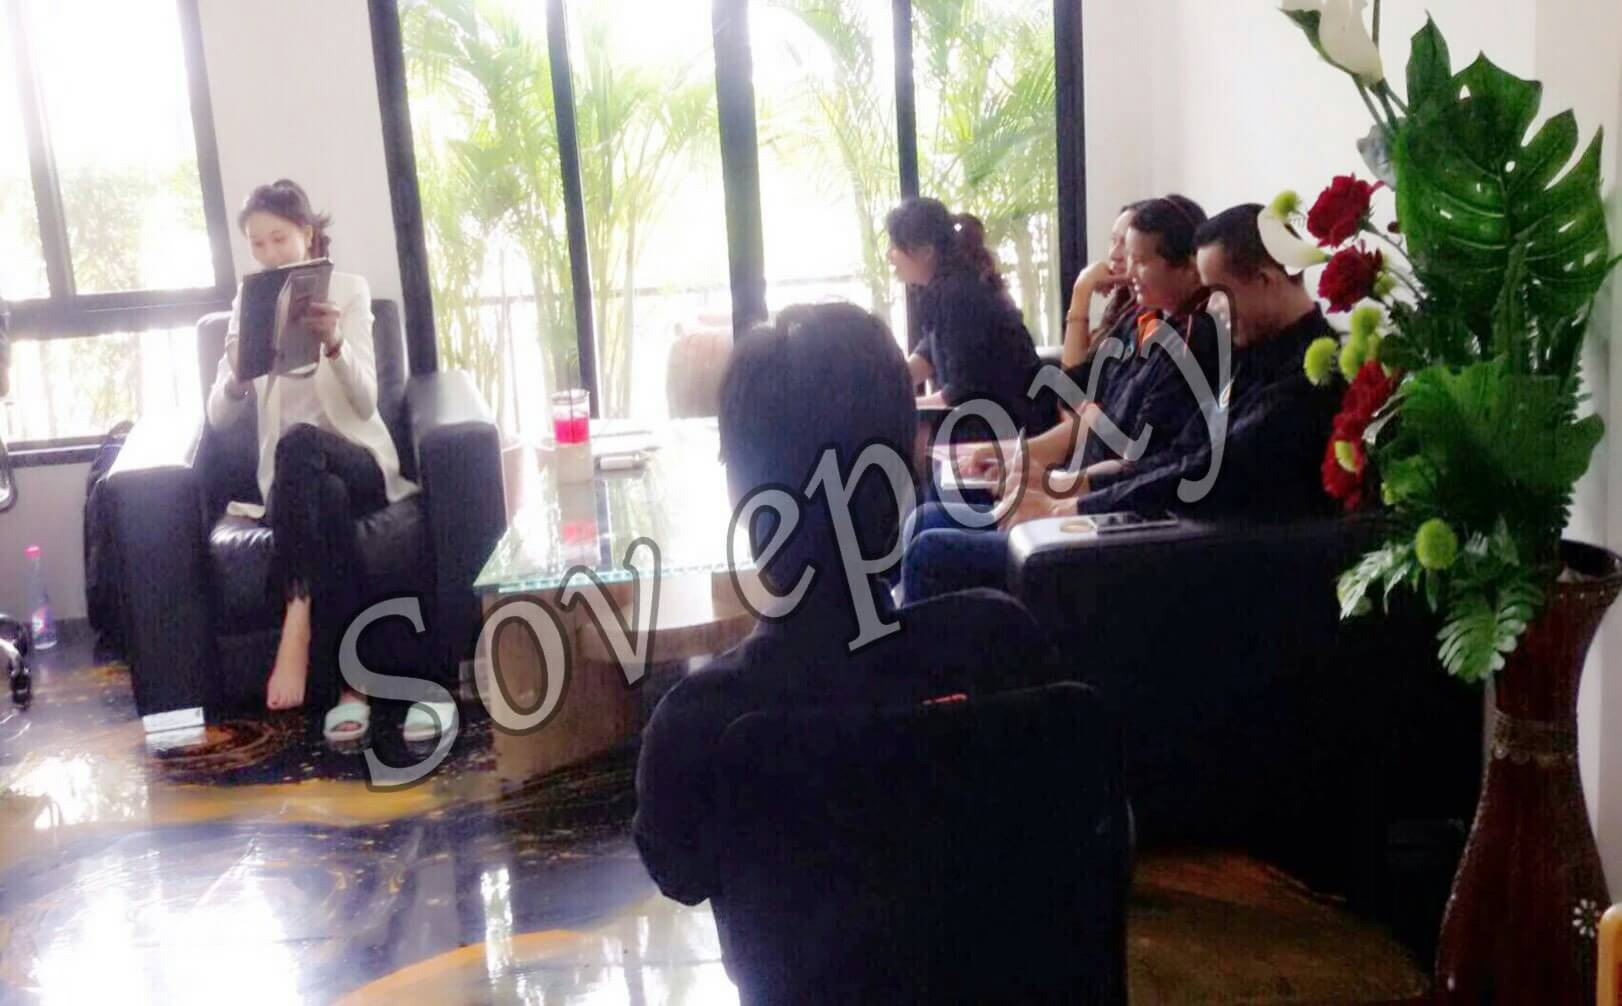 ประชุมยอดขาย SOV EPOXY 8